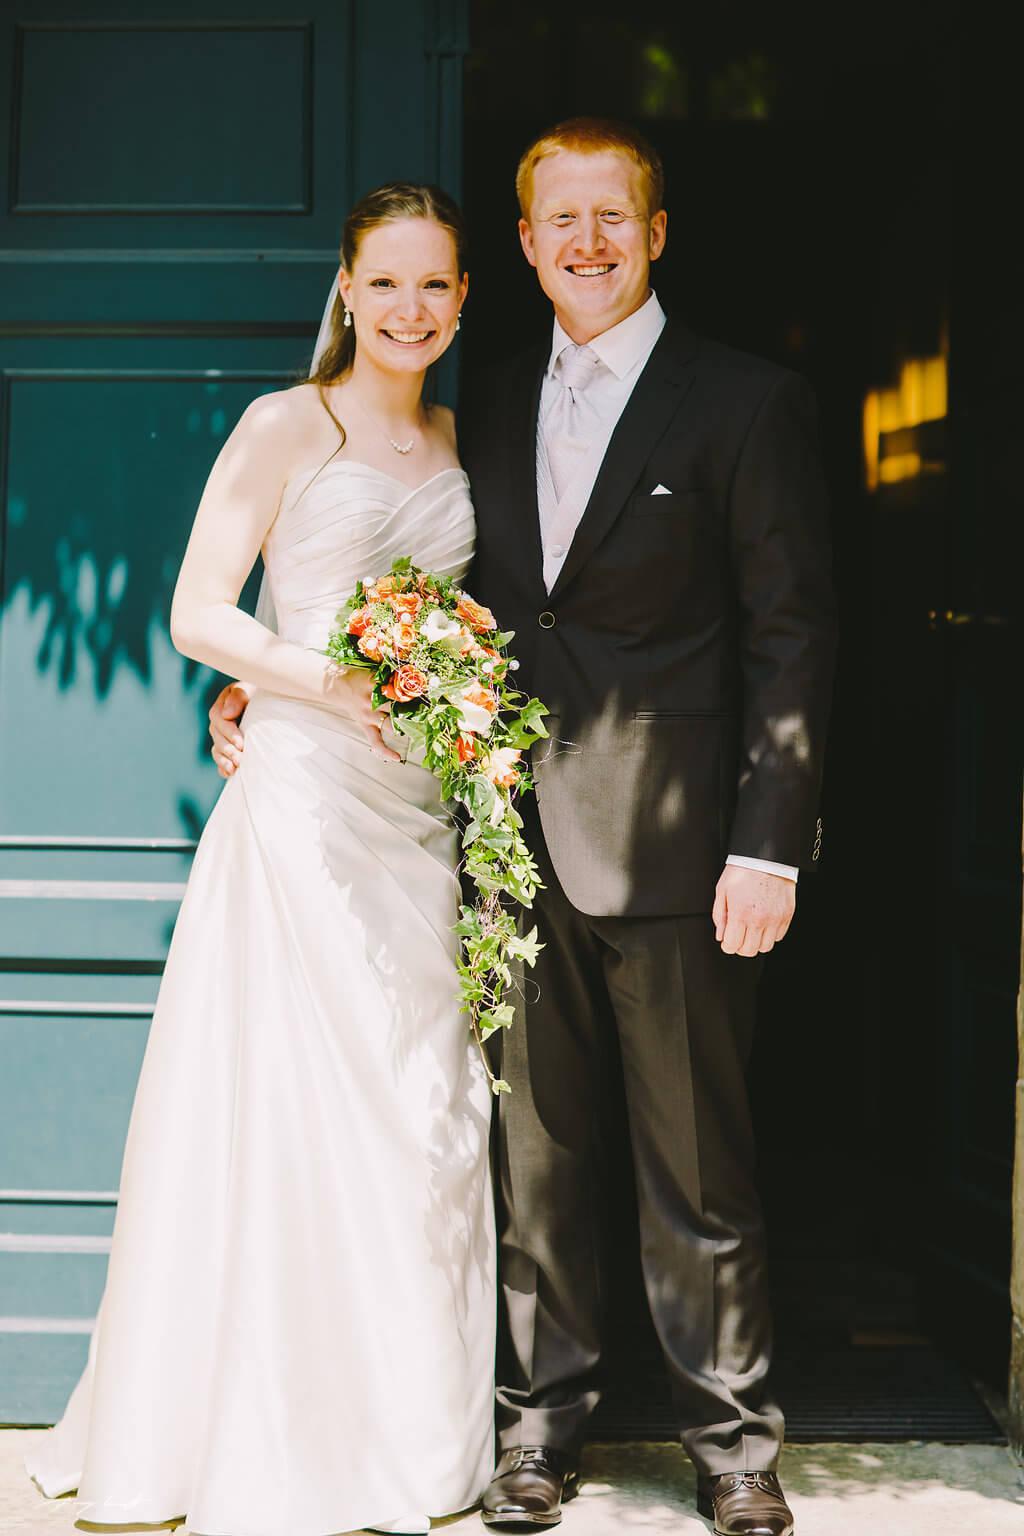 Fotoshooting Hochzeit in Lüneburg